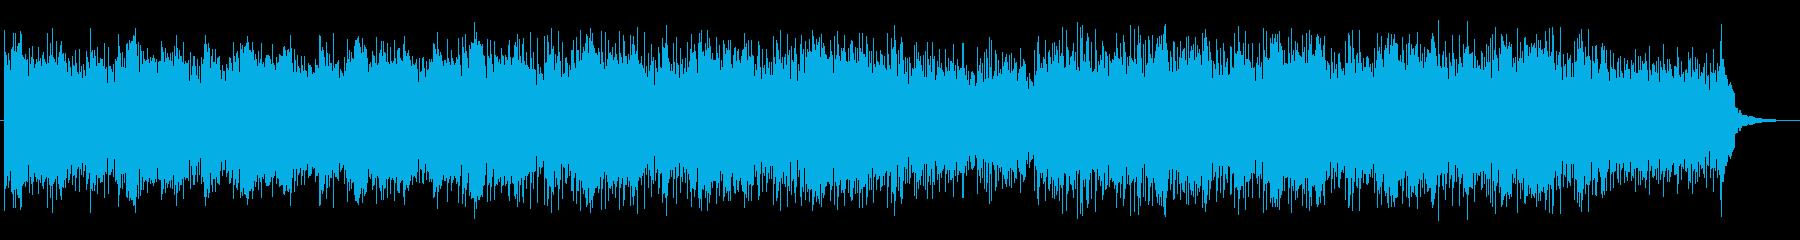 スピード感のある明るいテクノポップスの再生済みの波形